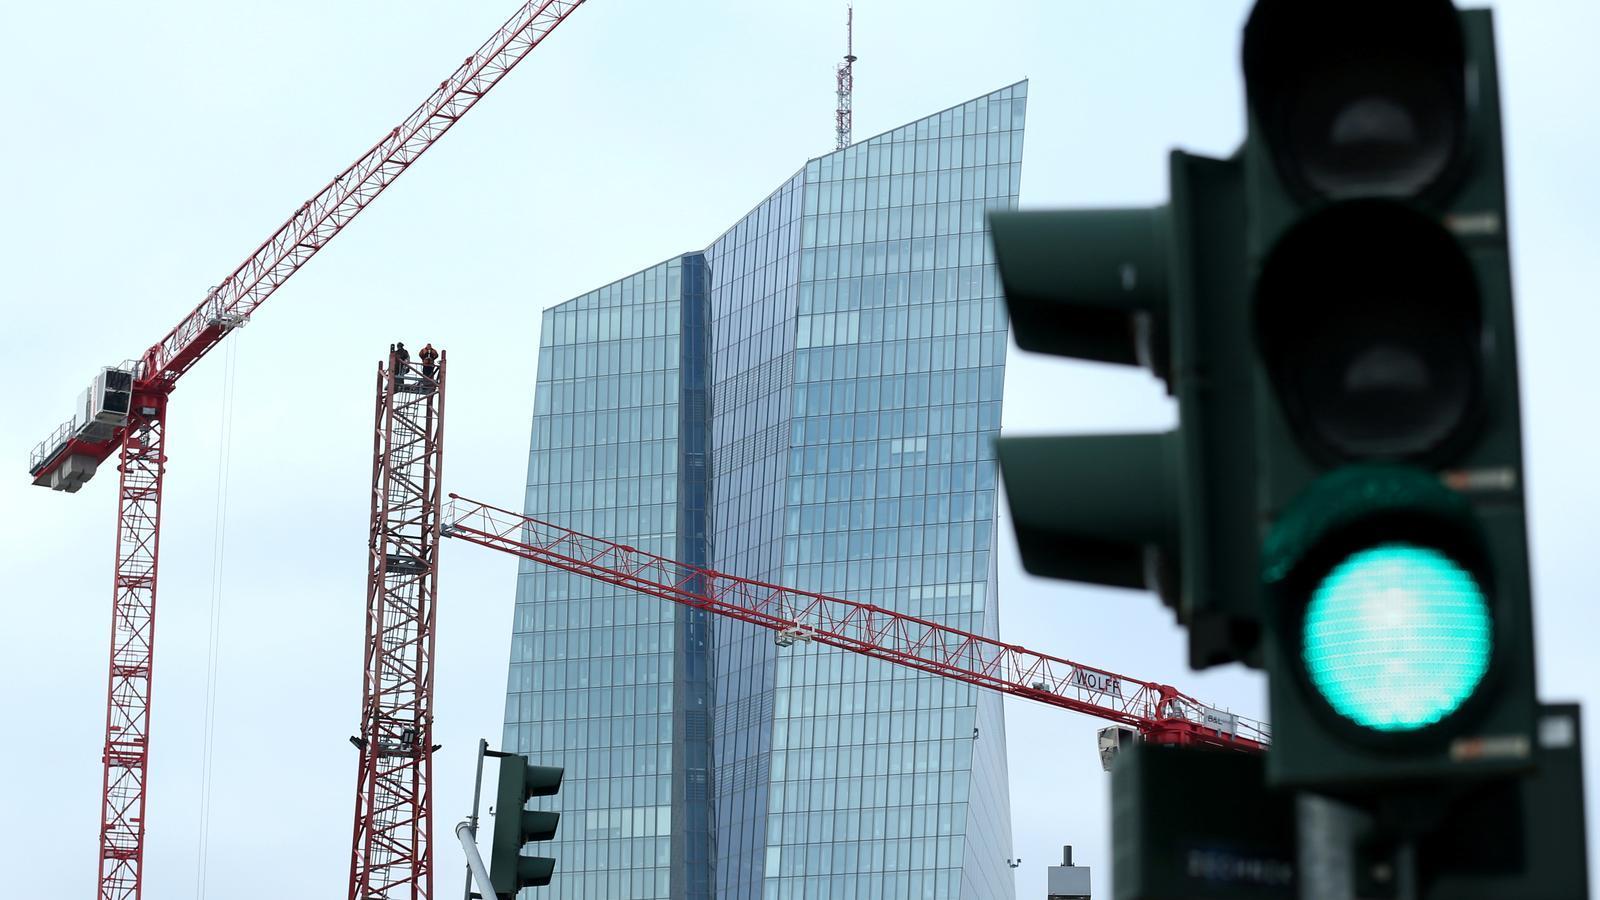 La seu a Frankfurt del BCE, que ha donat llum verda a abolir els topalls per comprar deute dels països de la zona euro.